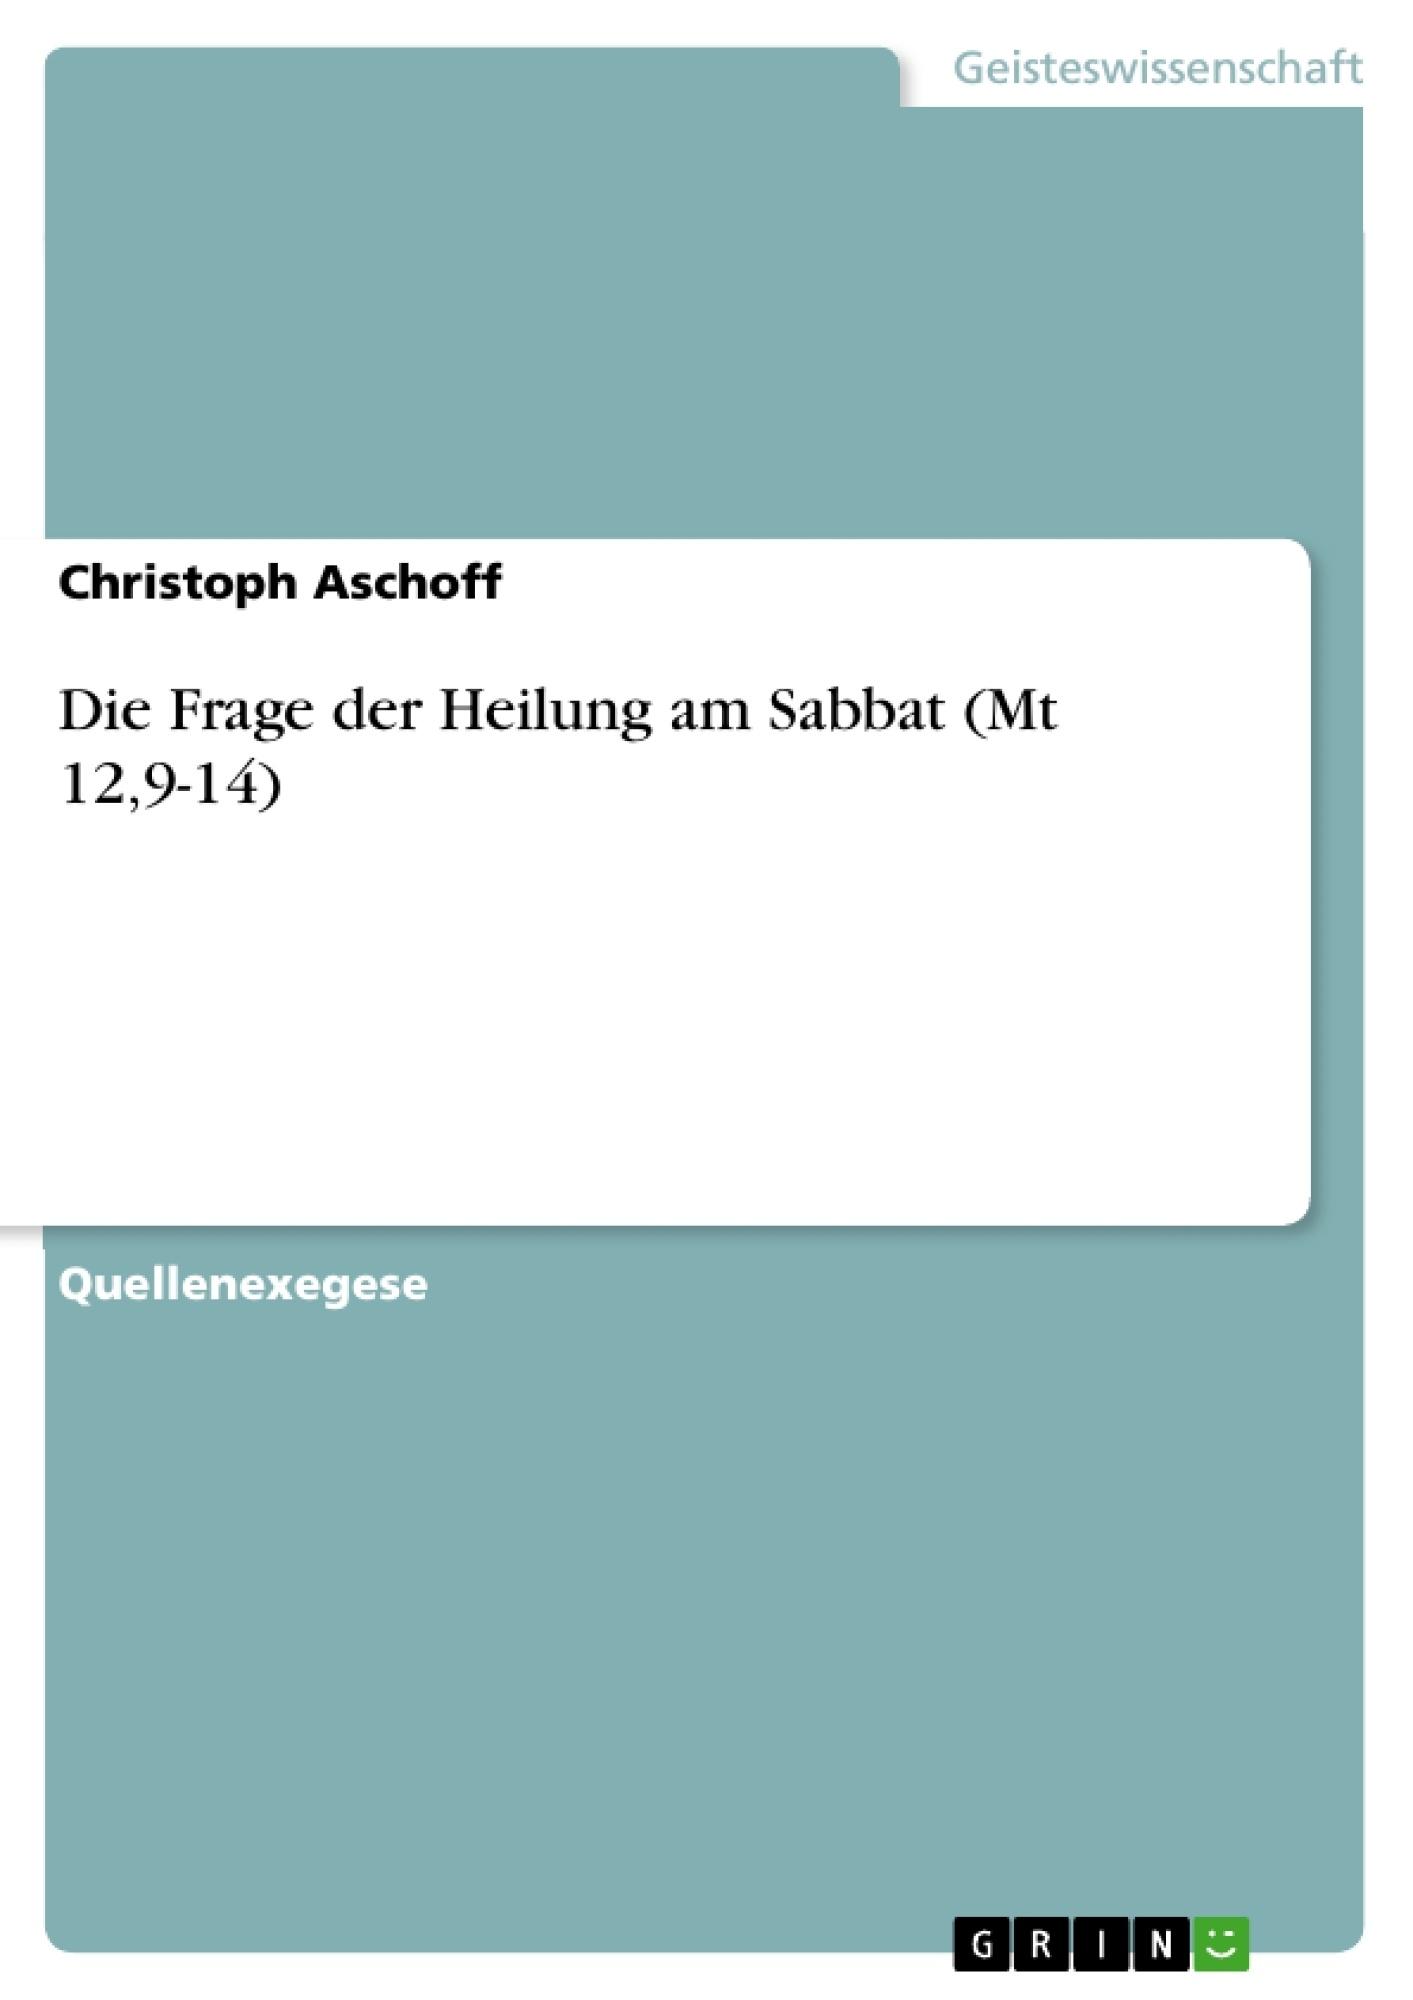 Titel: Die Frage der Heilung am Sabbat (Mt 12,9-14)